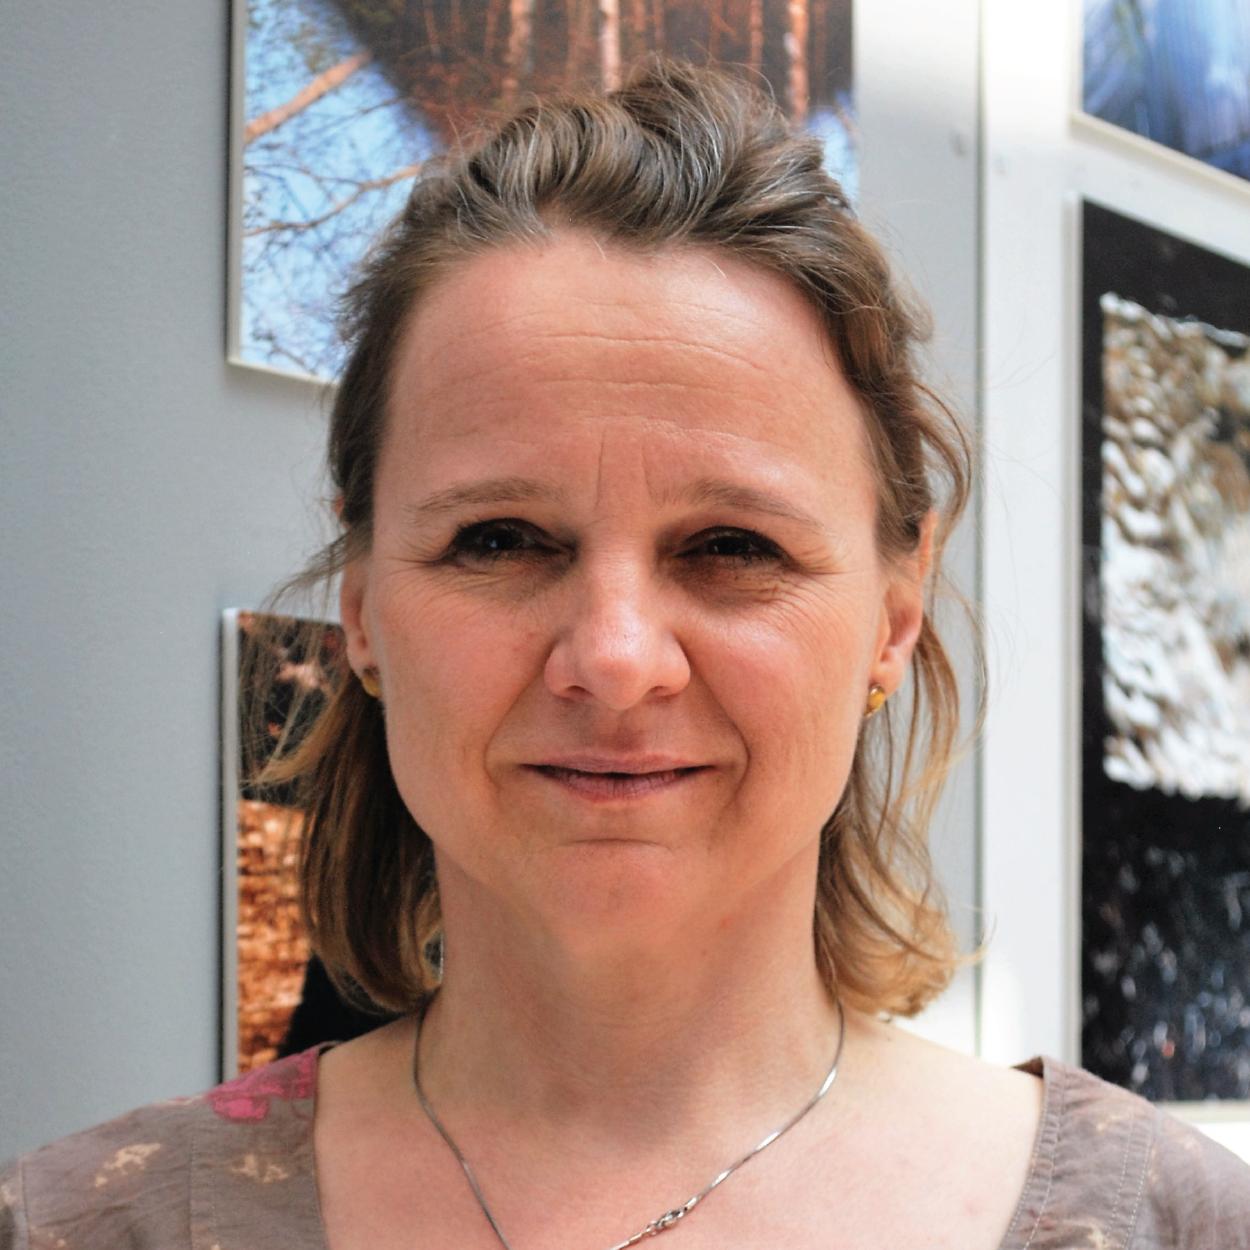 Lucie Bucharova